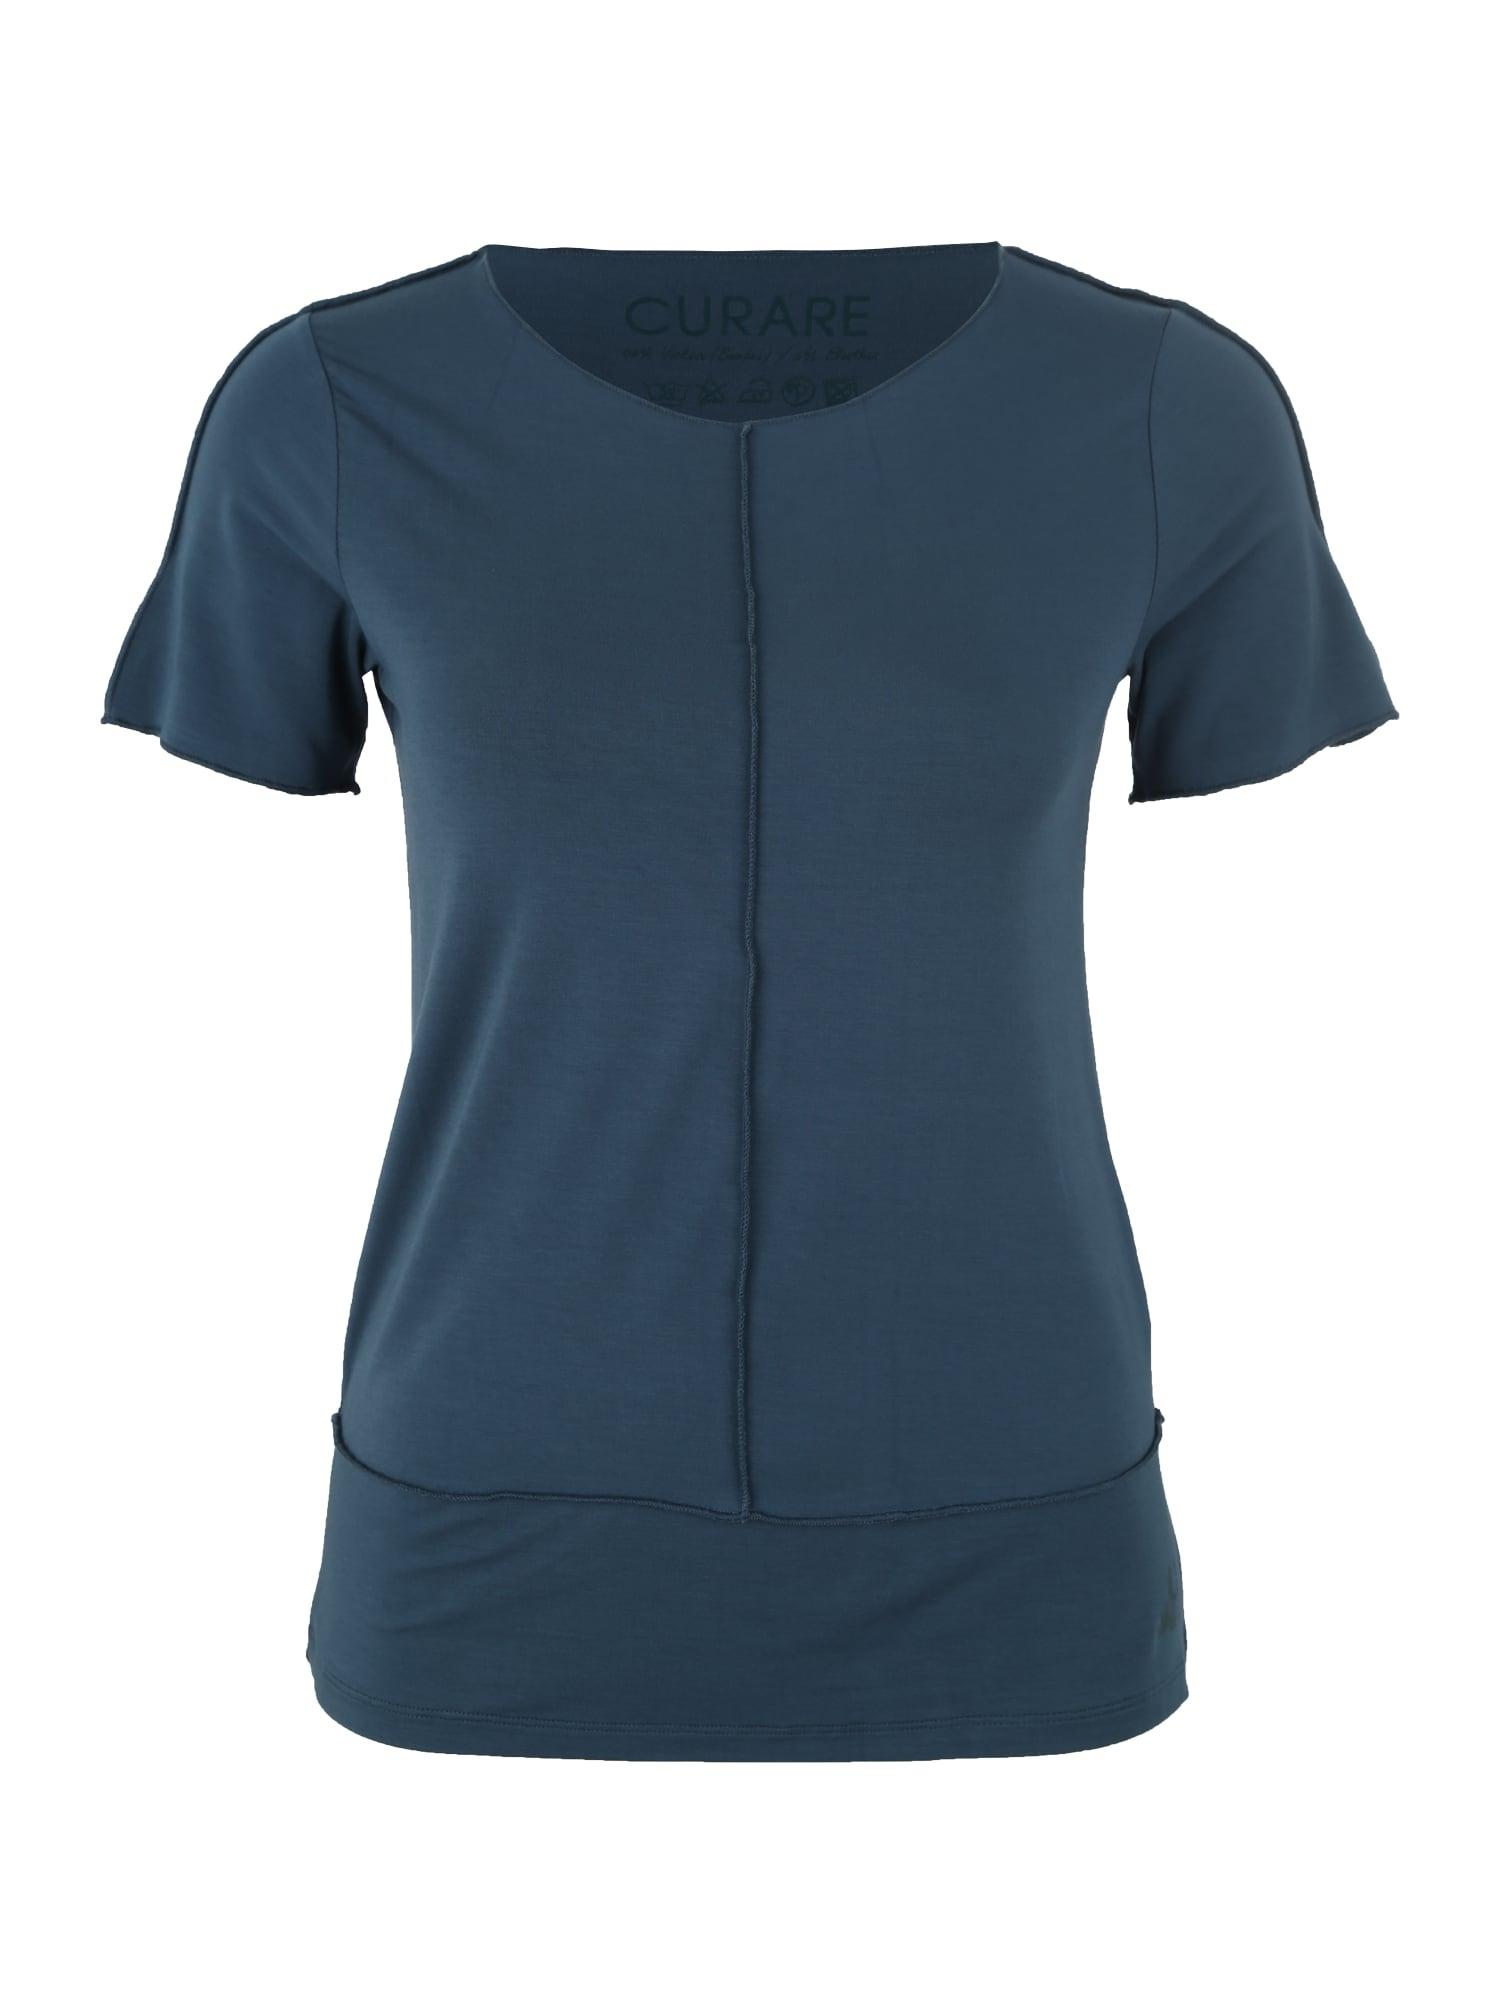 Funkční tričko petrolejová CURARE Yogawear